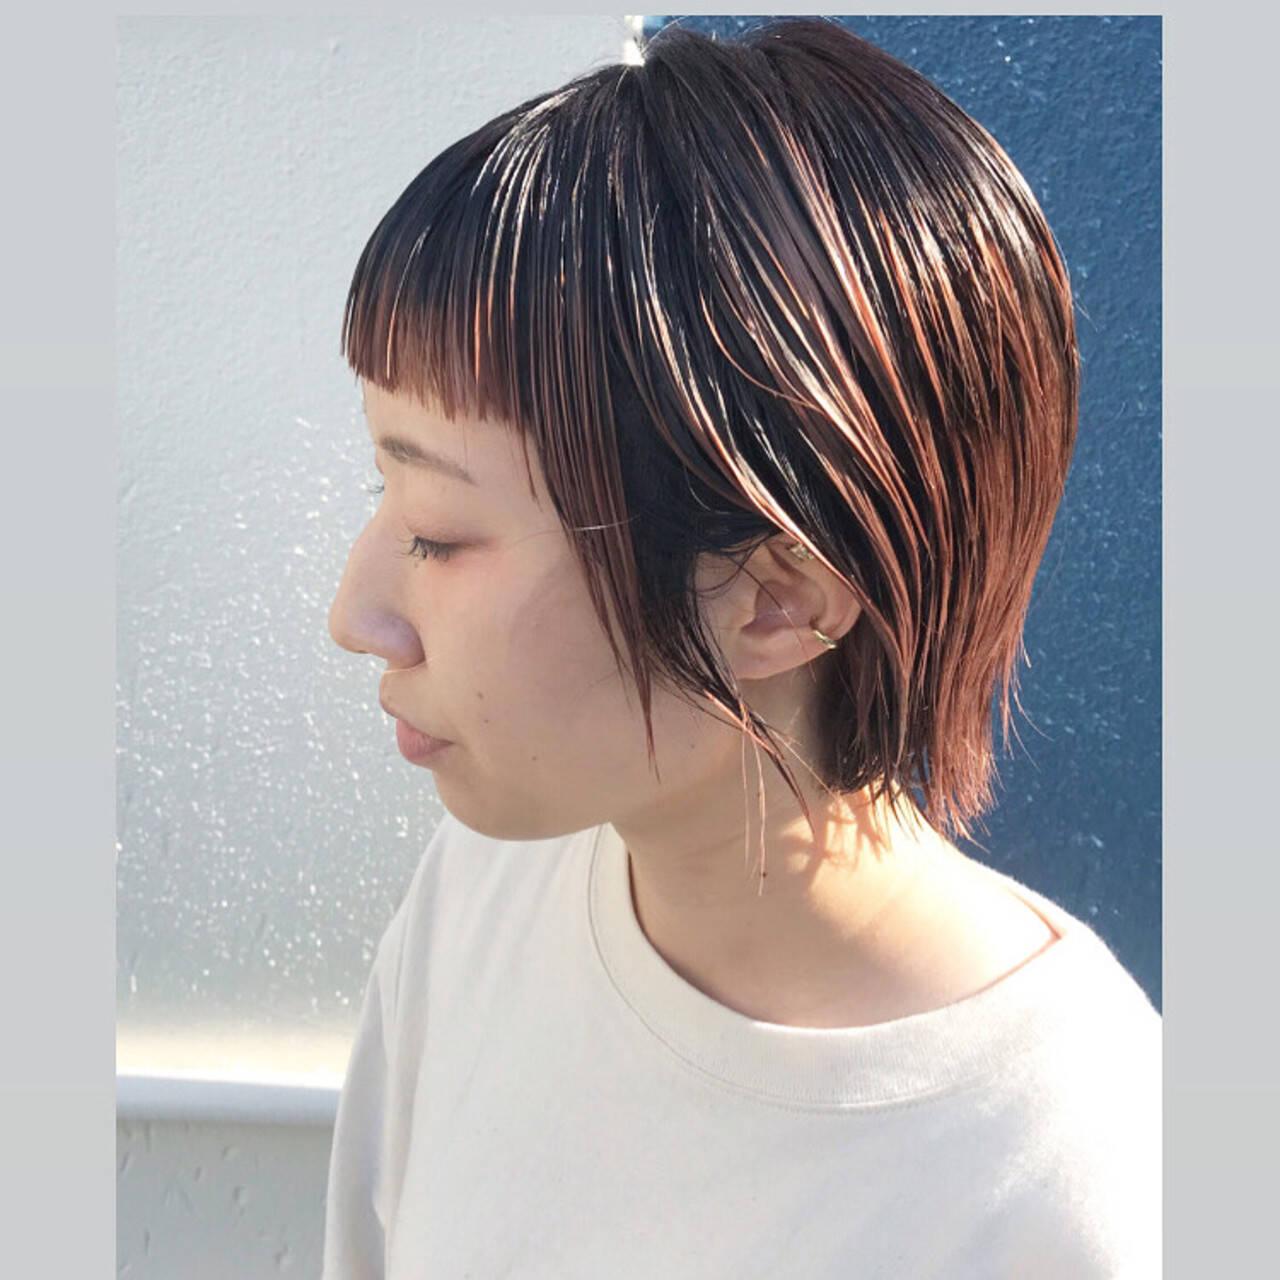 ストリート ピンクベージュ ショートヘア ブリーチカラーヘアスタイルや髪型の写真・画像